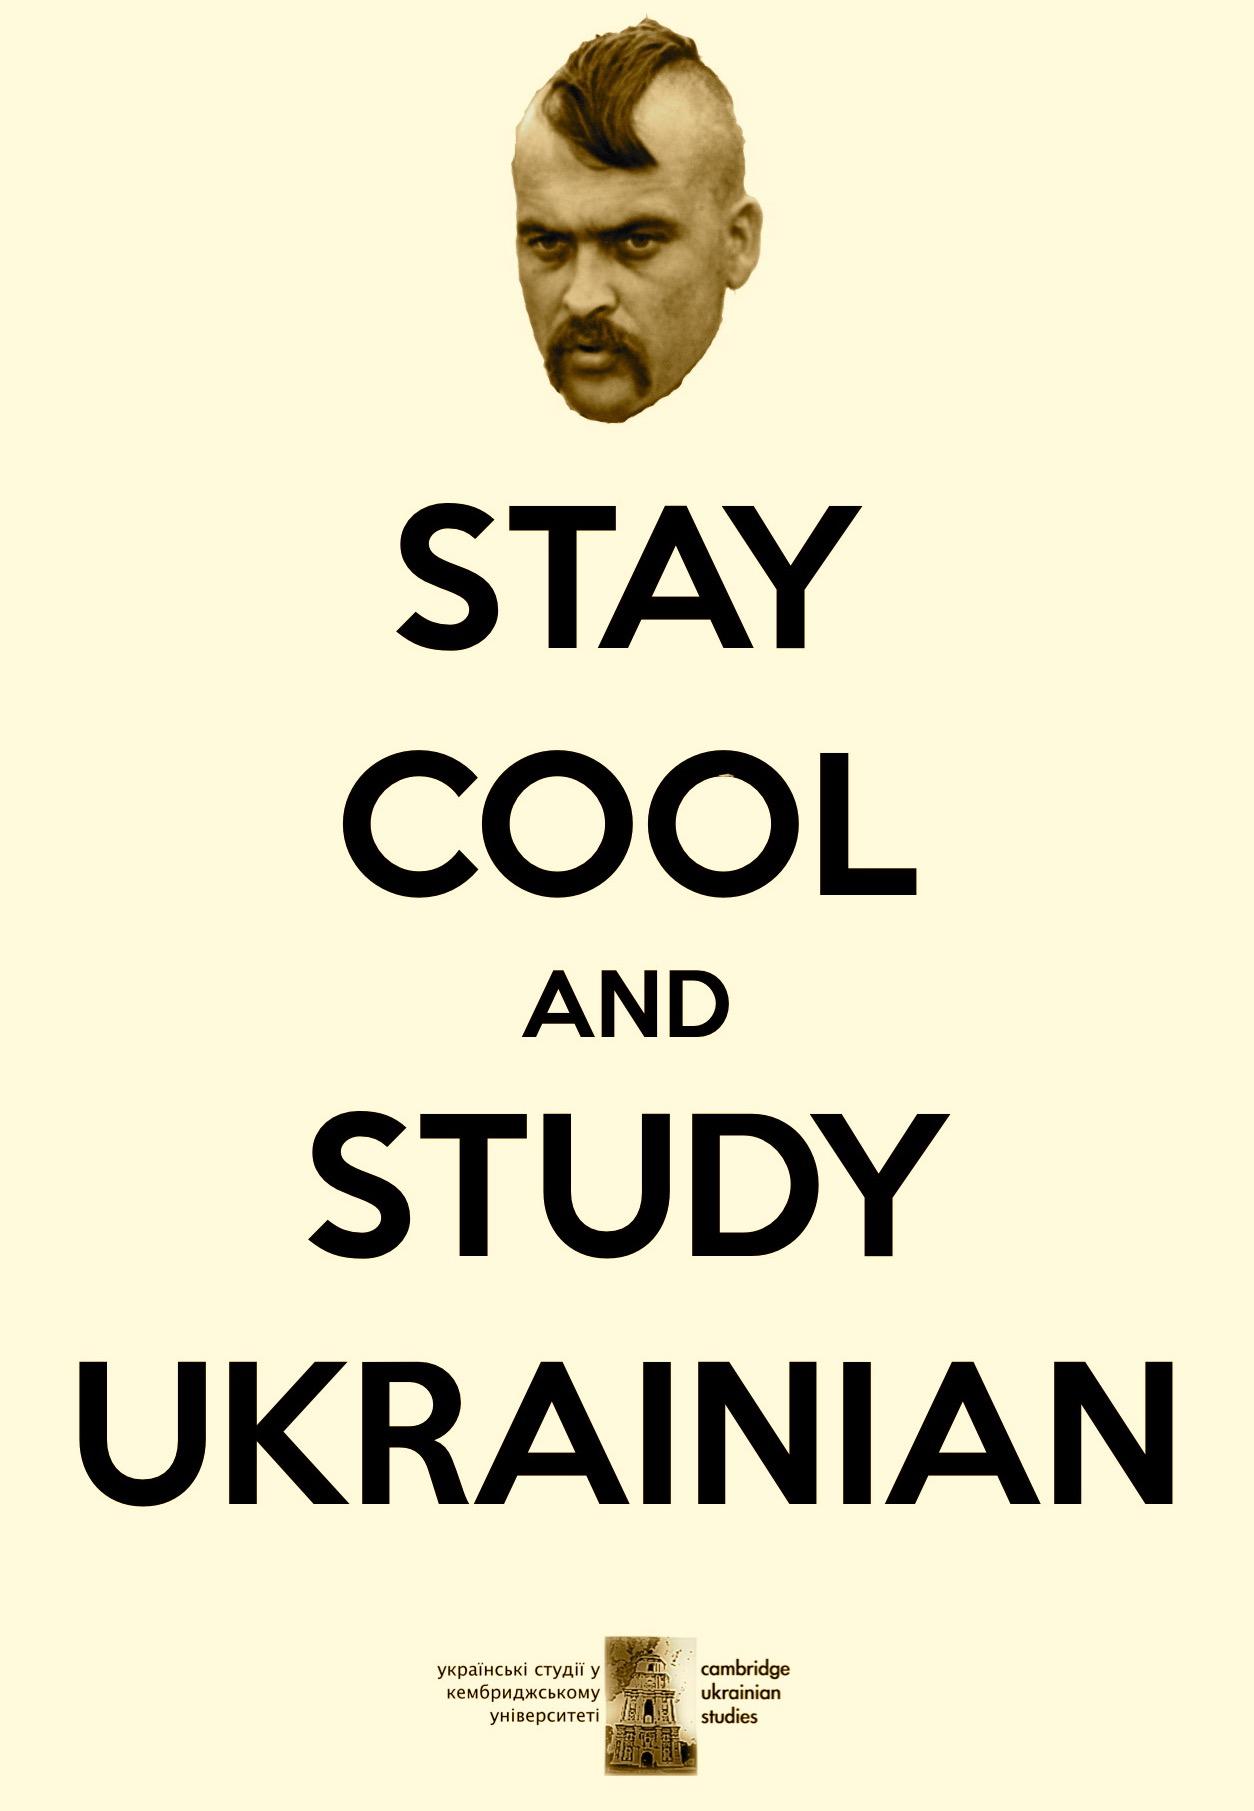 Ukrainian Language Open Classes at Cambridge